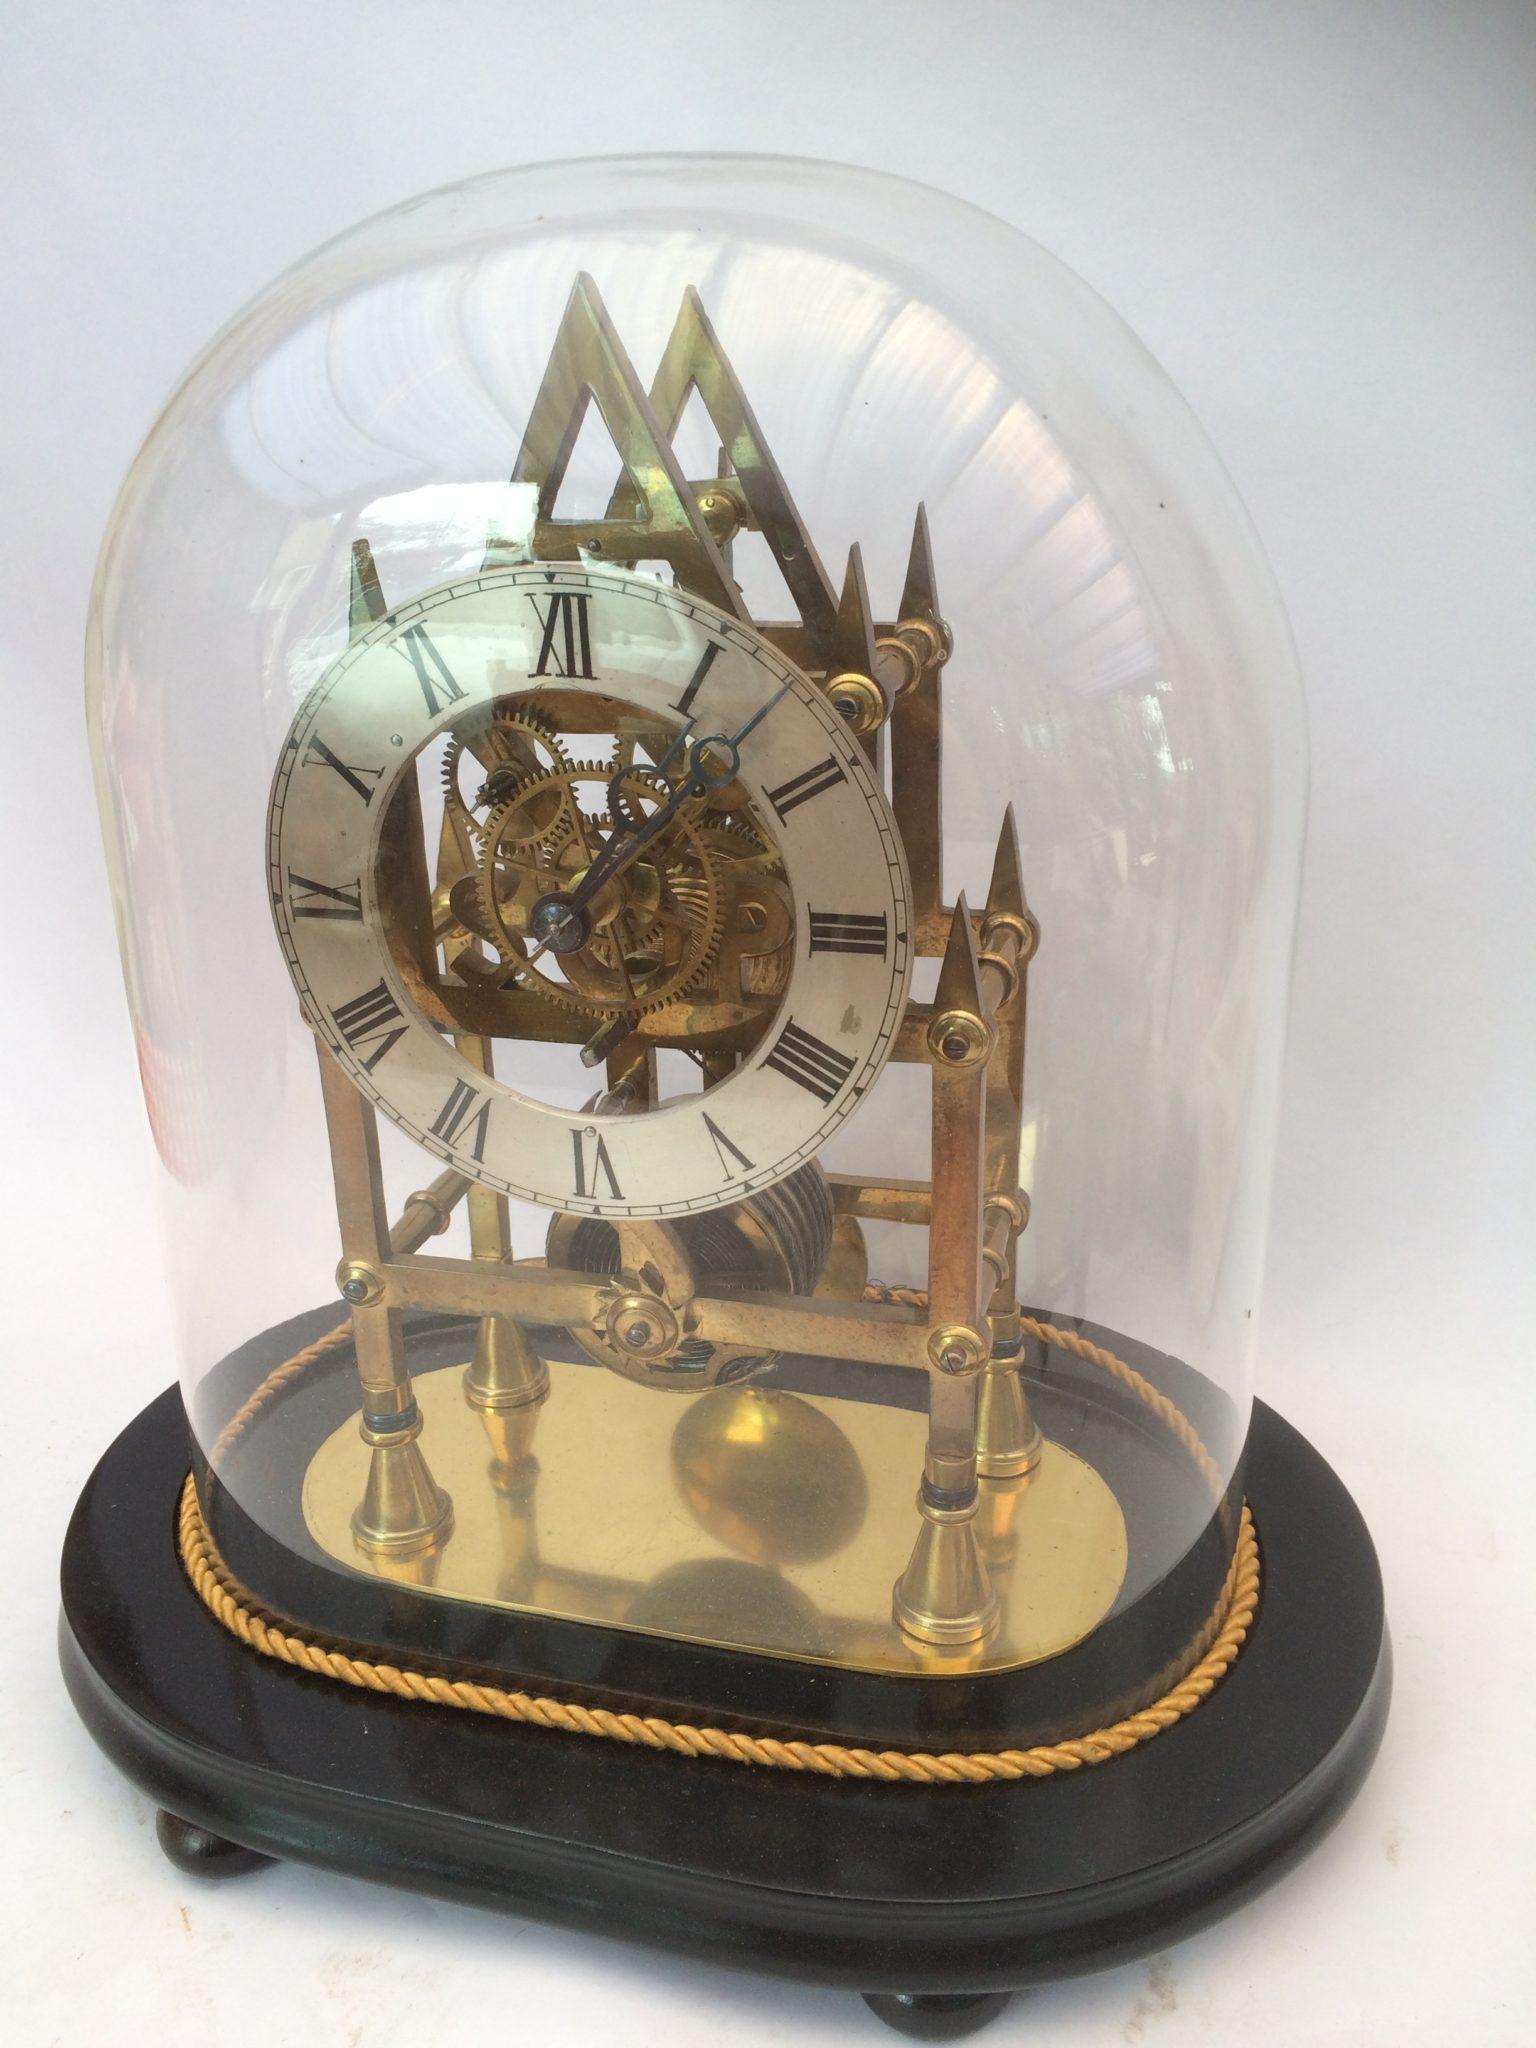 6 Spoke Skeleton Clock under Glass Dome